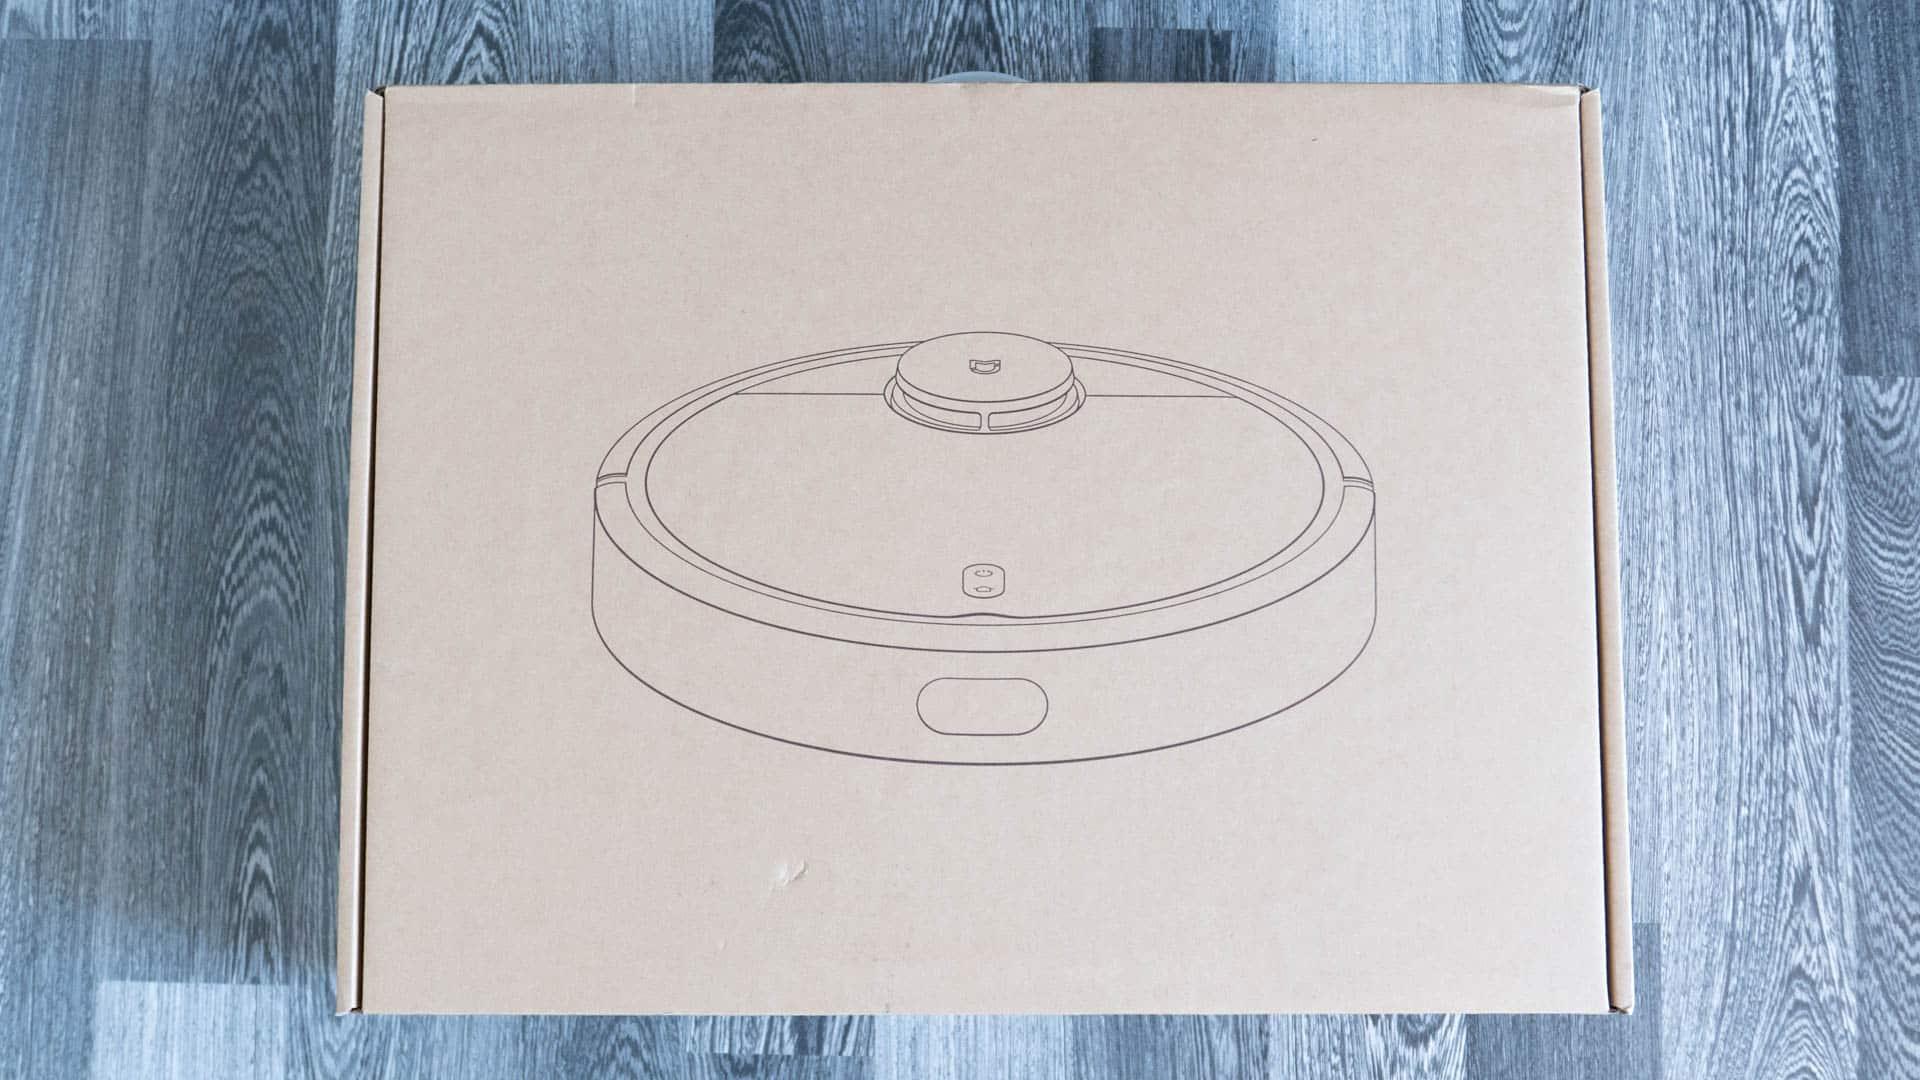 Xiaomi-Mi-Staubsauger-Roboter-im-Test-Verpackung-oben